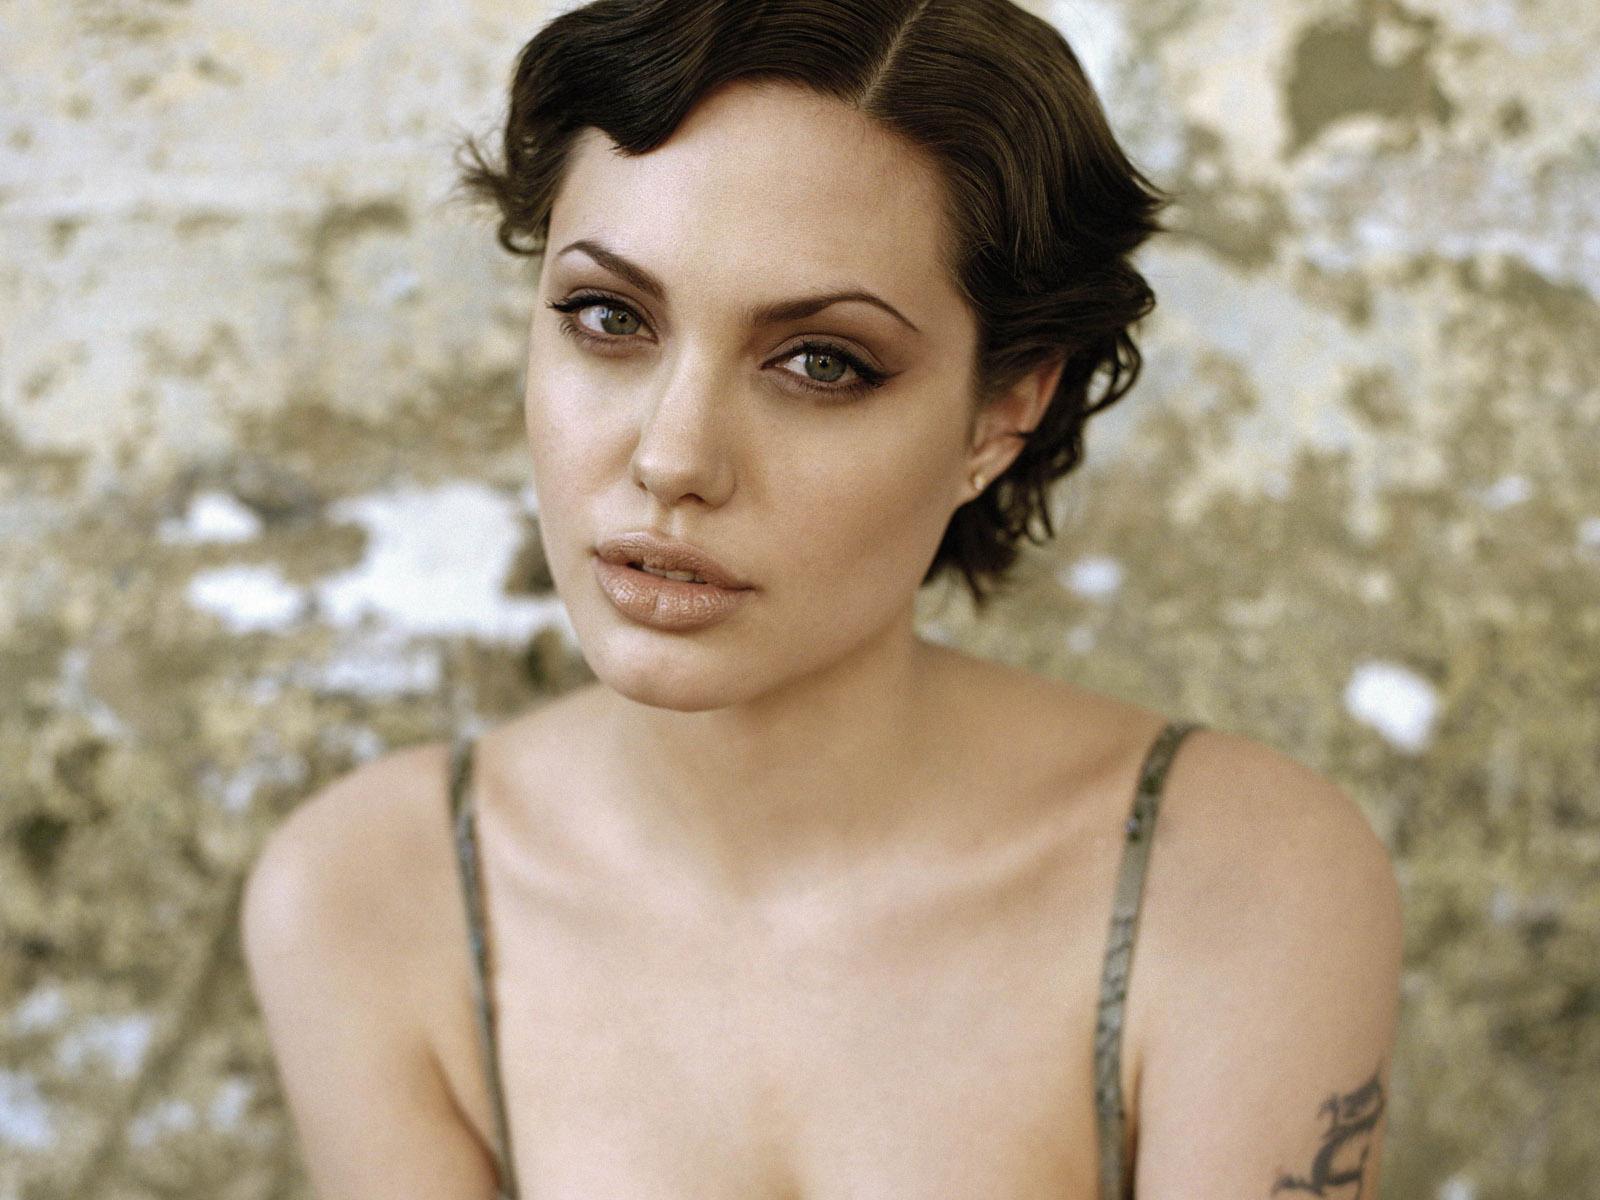 imagenes de angelina jolie sin ropa - imagenes de ropa | Angelina Jolie su topless y su vídeo lésbico nunca vistos